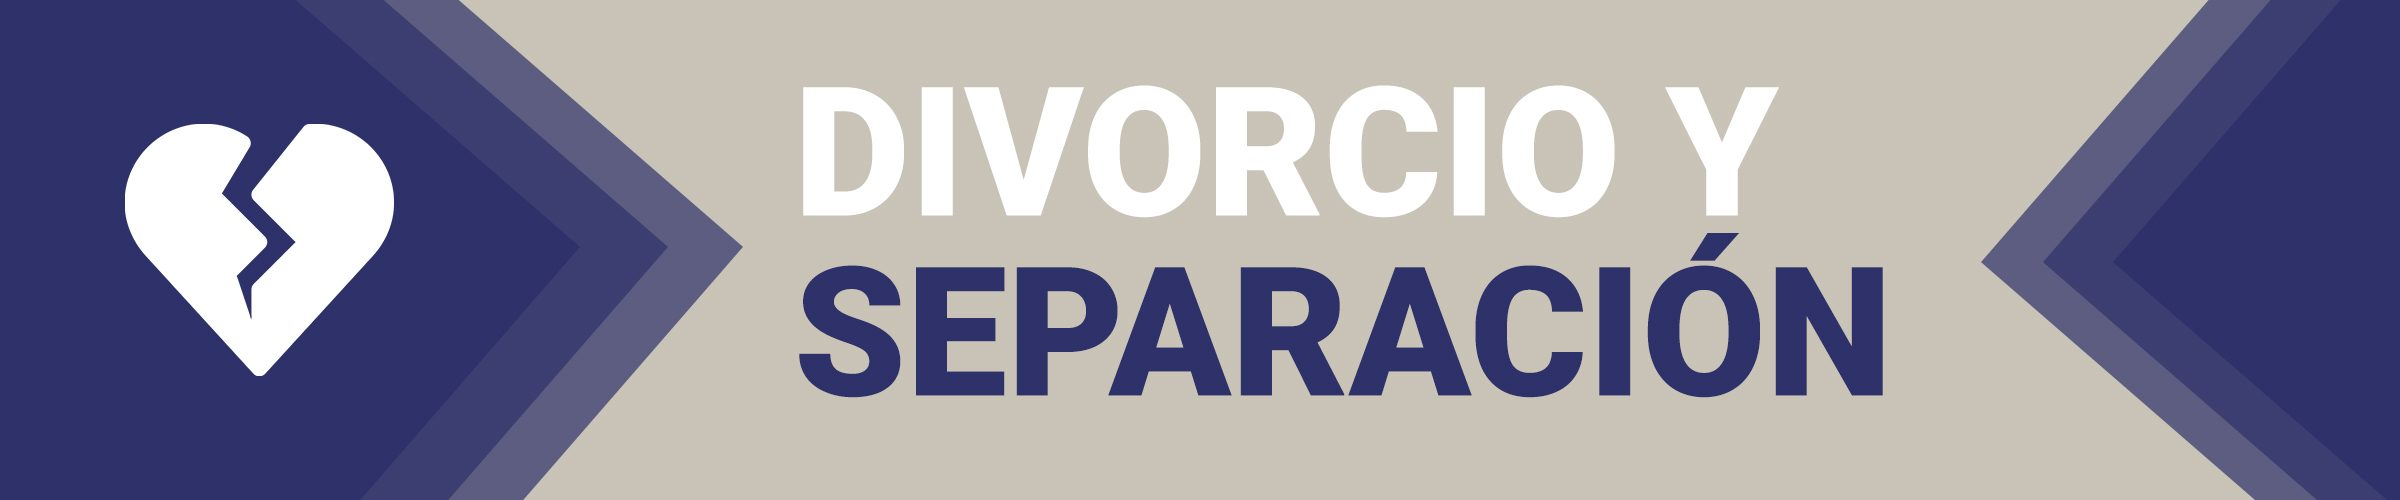 divorcio y separacion